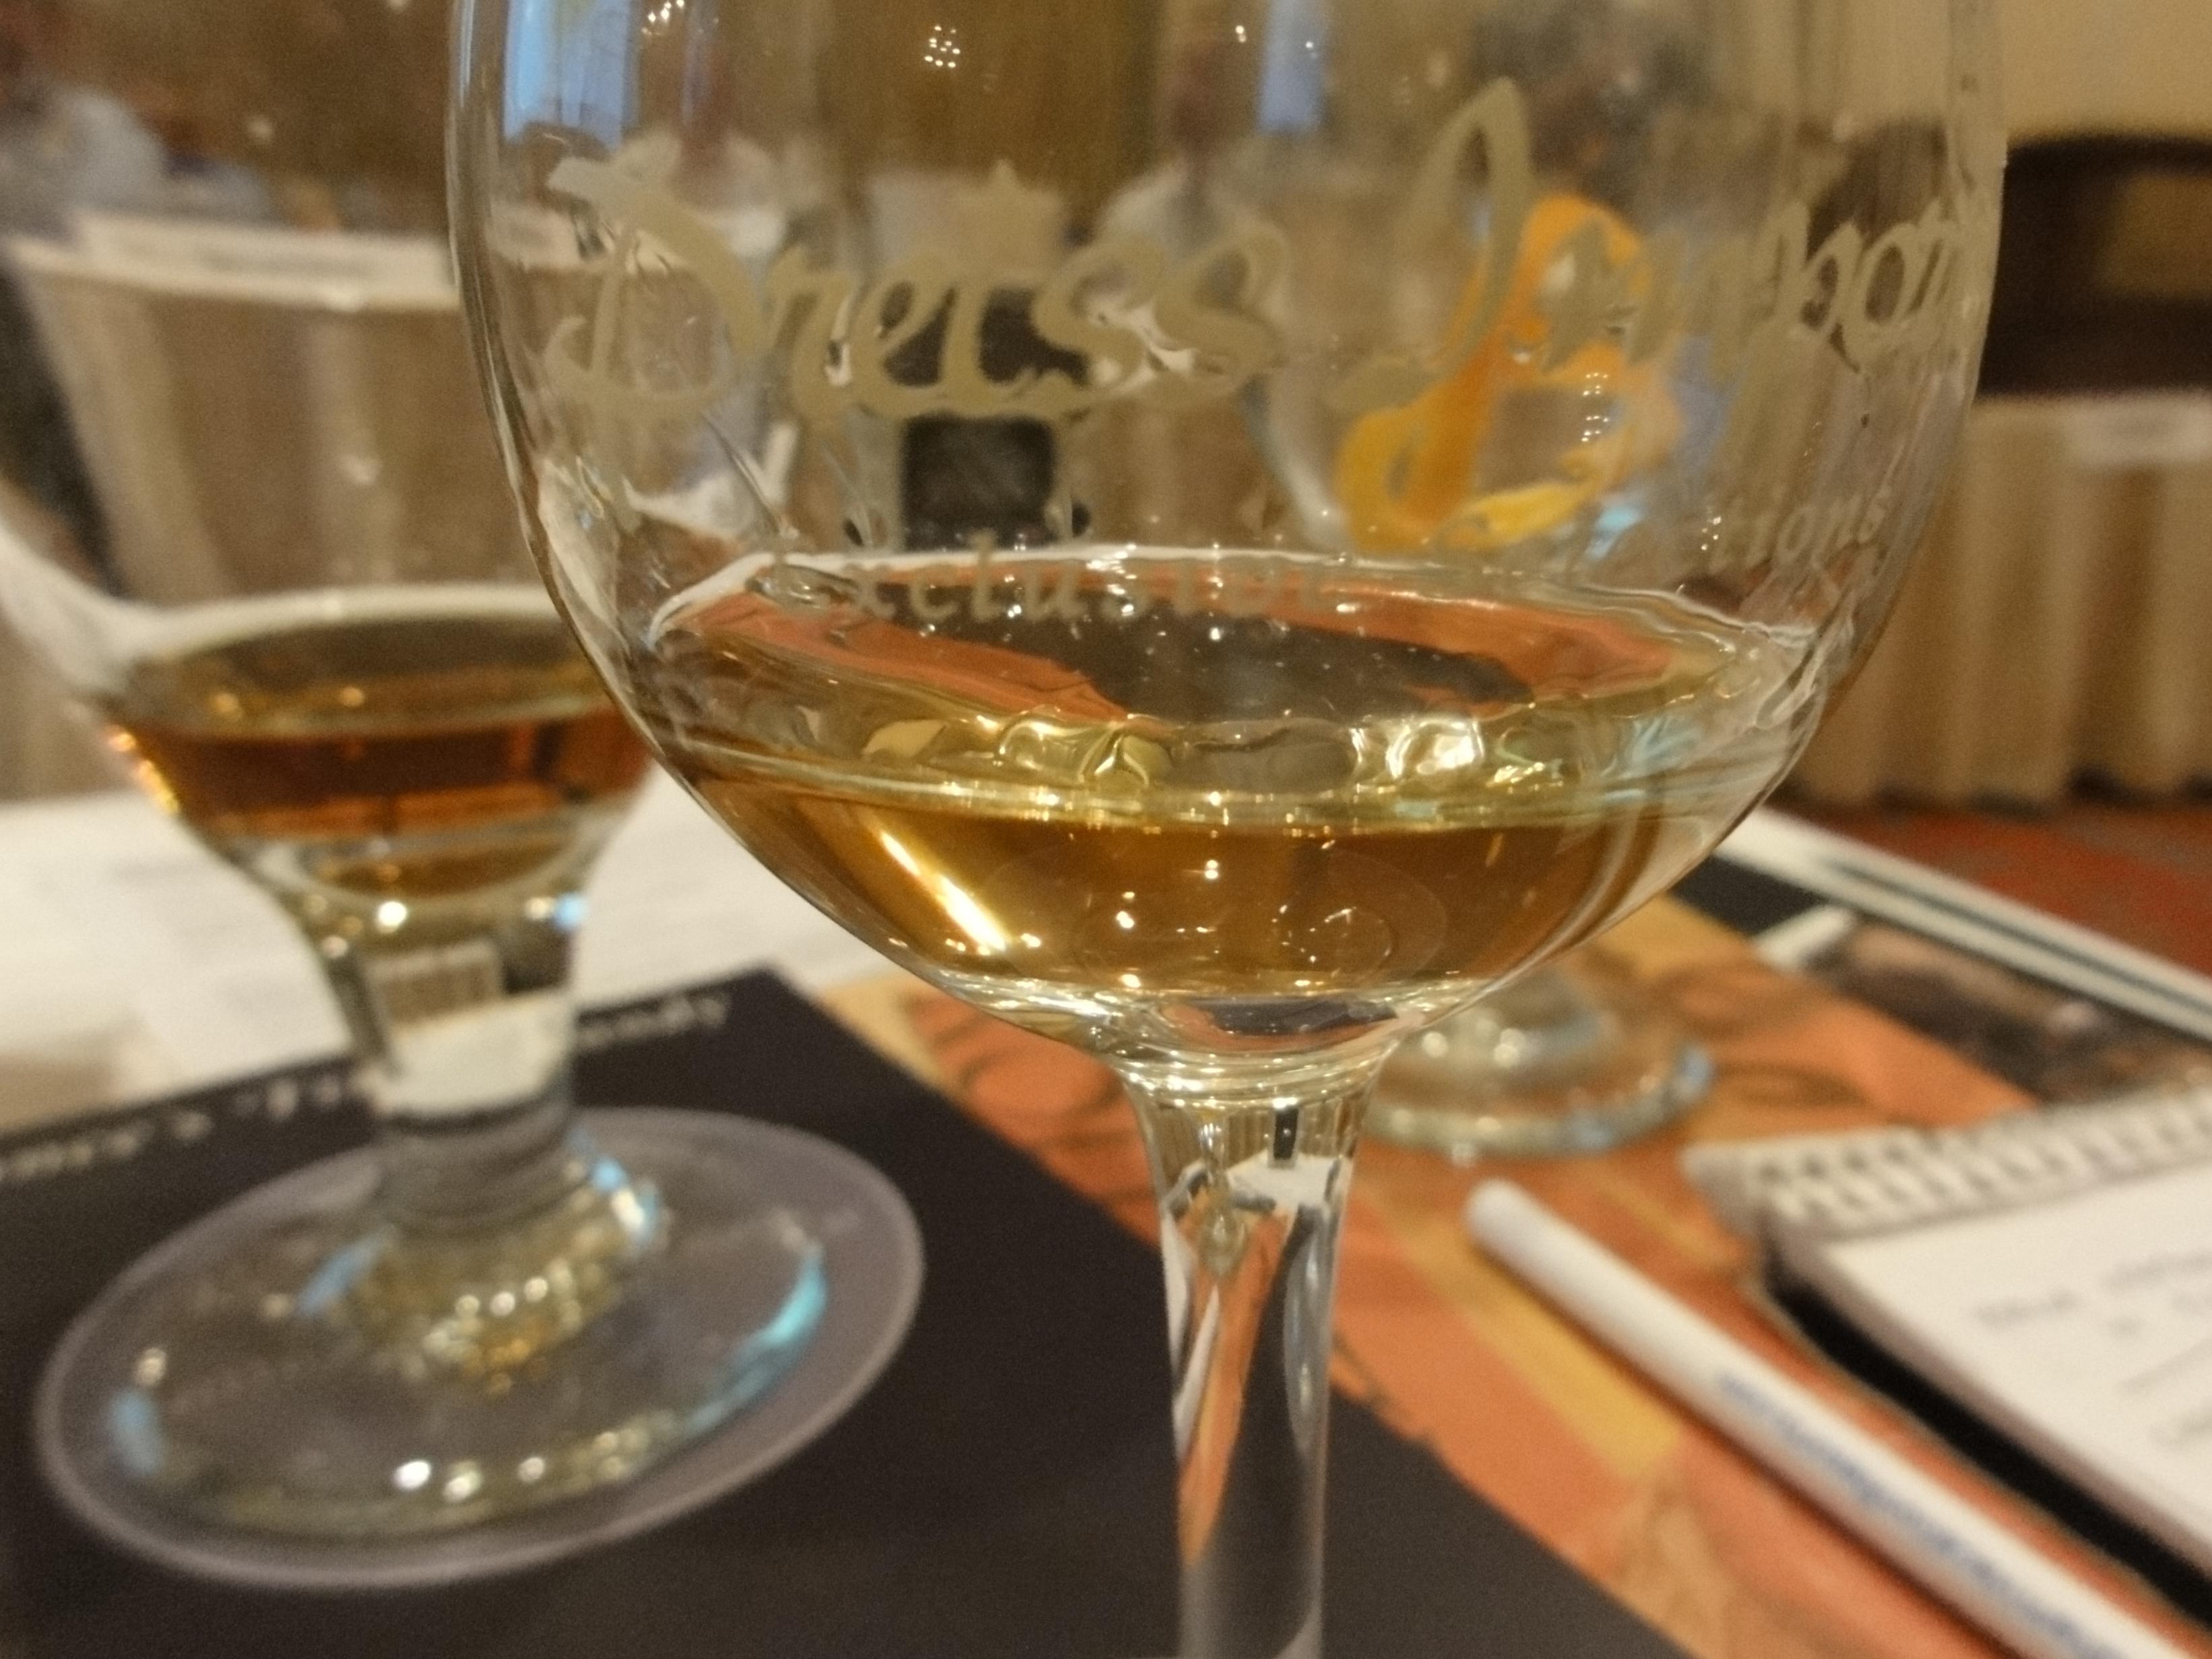 Статистика беларусь алкоголизм 2011 лечение амфетаминовой зависимости методом подшивки